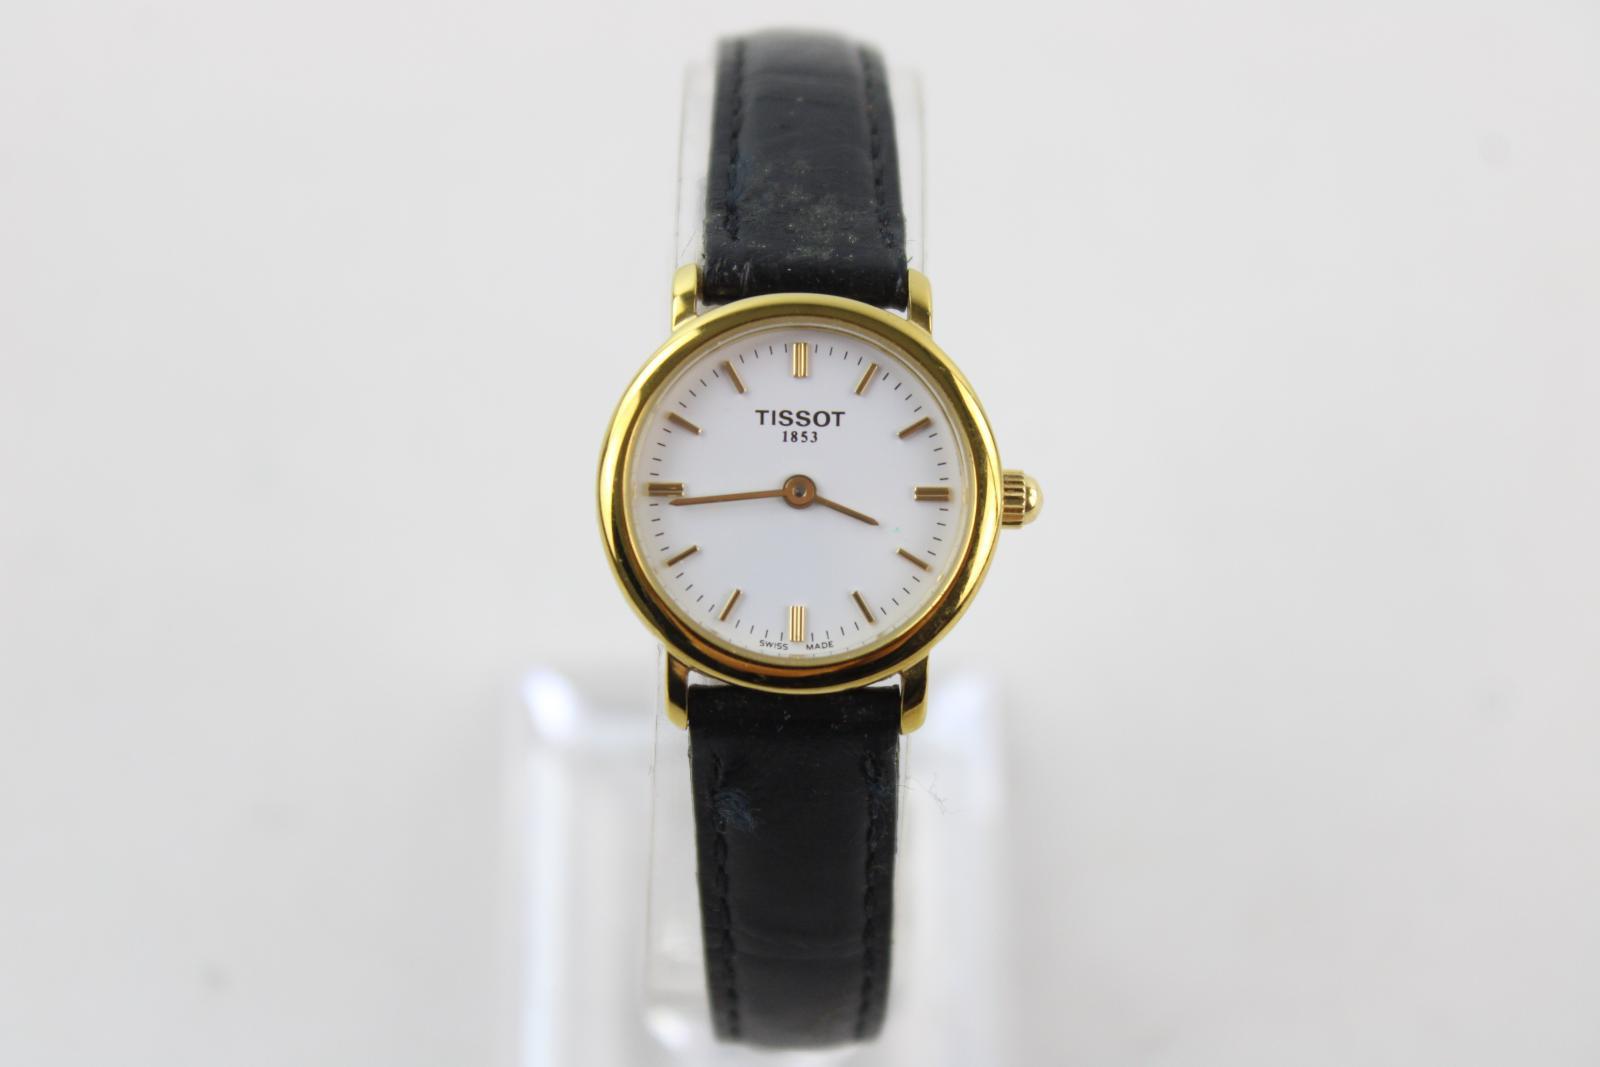 Mesdames-TISSOT-1853-ton-or-Montre-bracelet-Quartz-travaillant-avec-bracelet-en-cuir-noir miniature 11